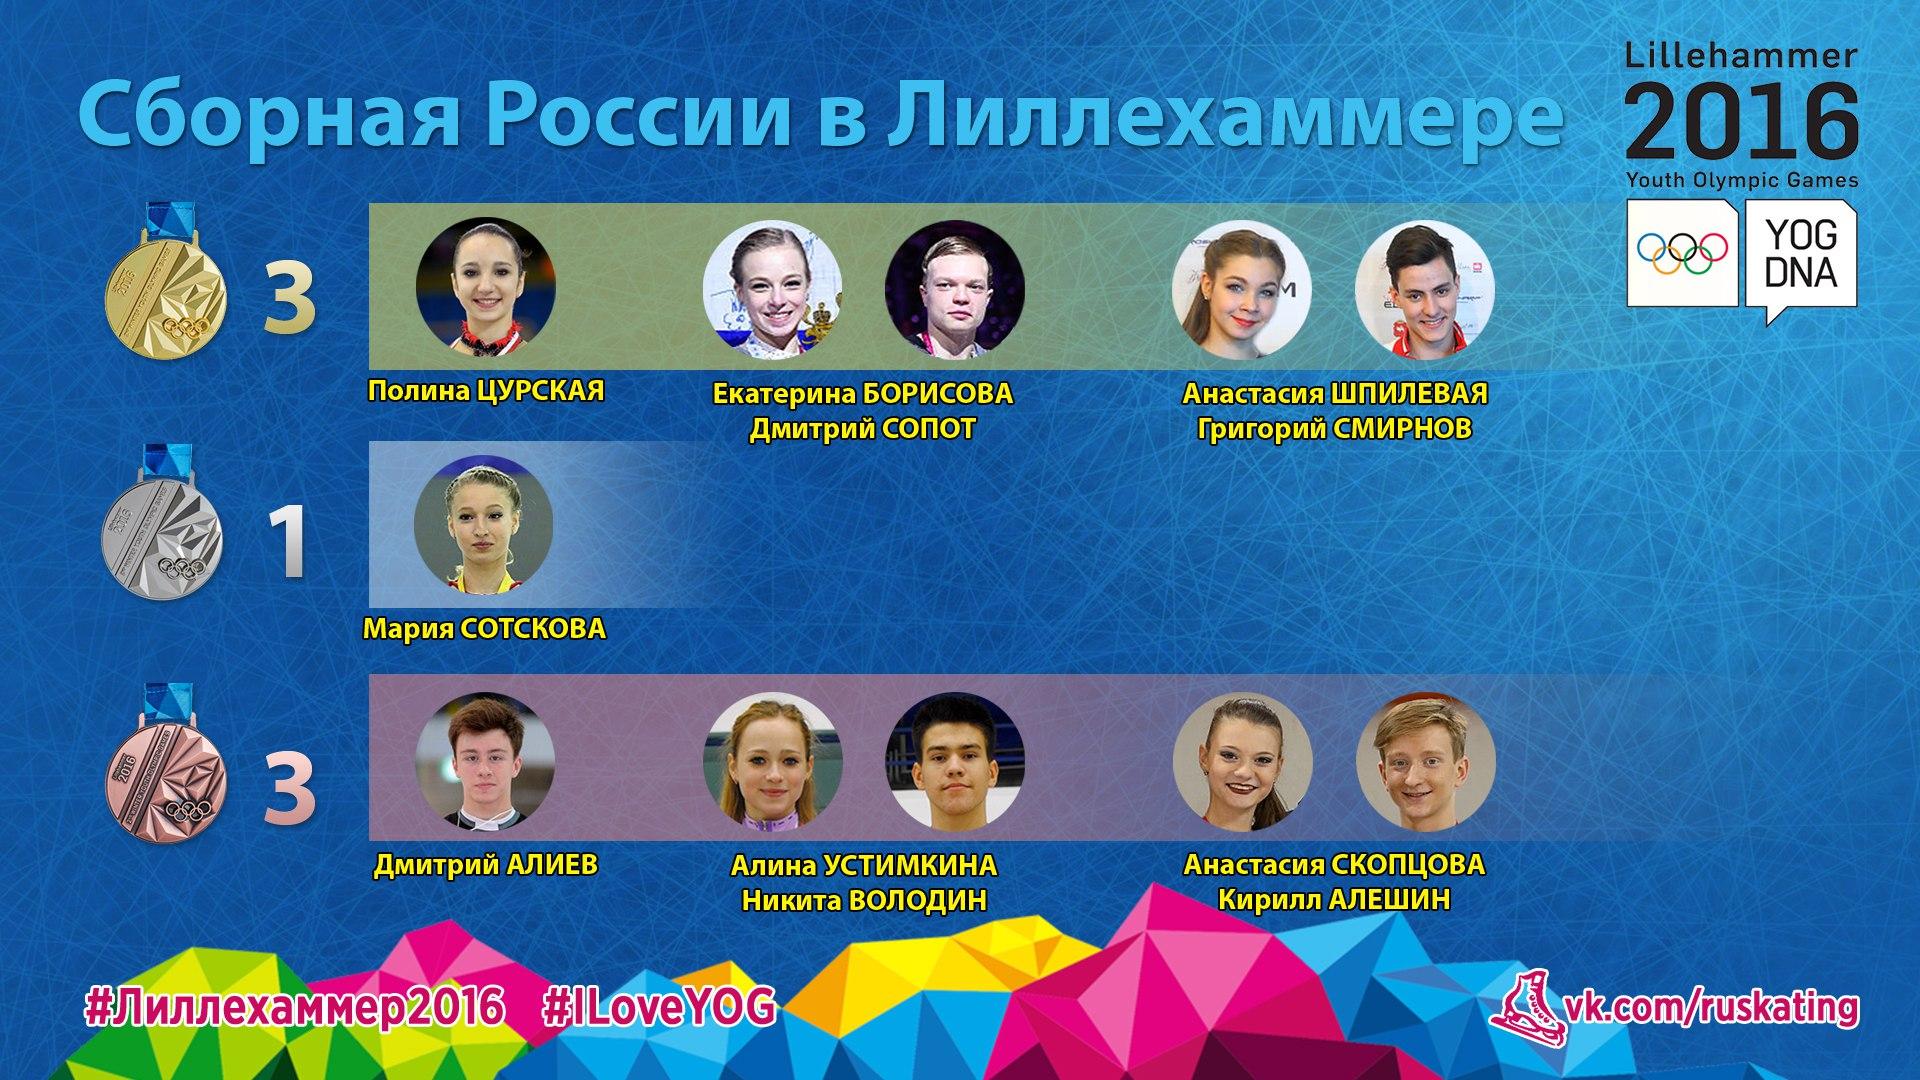 Медальные успехи сборной России в Лиллехаммере